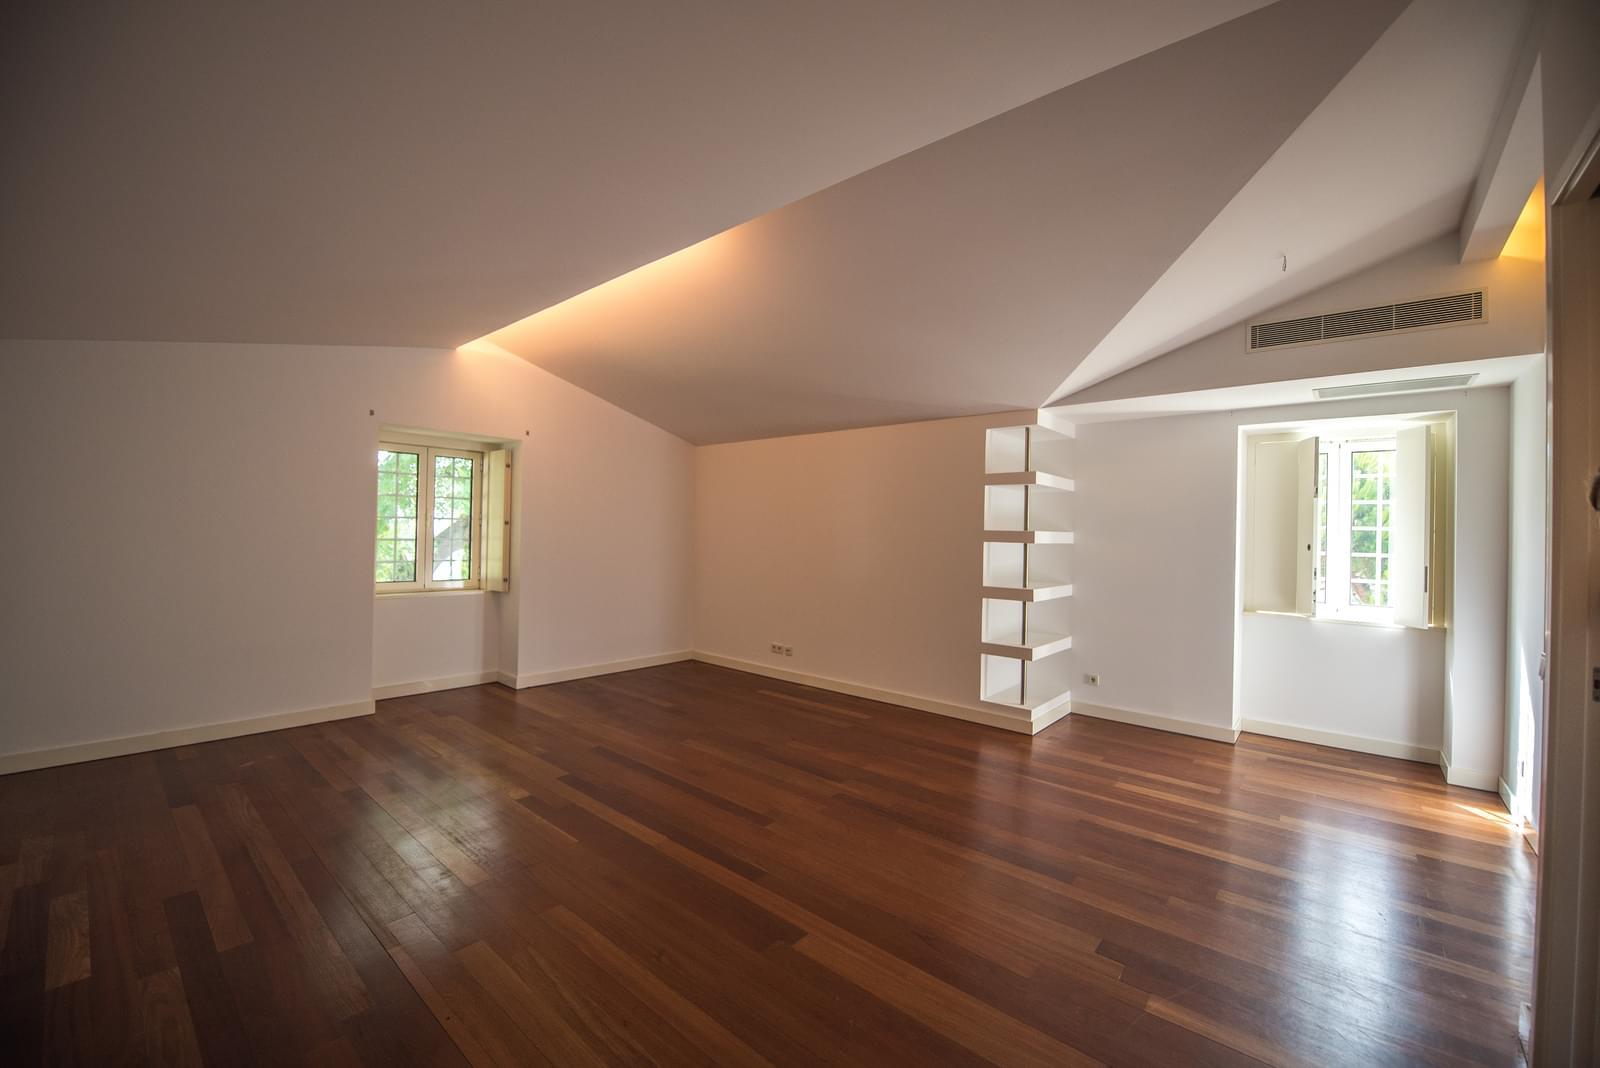 pf19211-apartamento-t4-lisboa-0e0ac135-ce48-45a9-8c22-819b61167d75